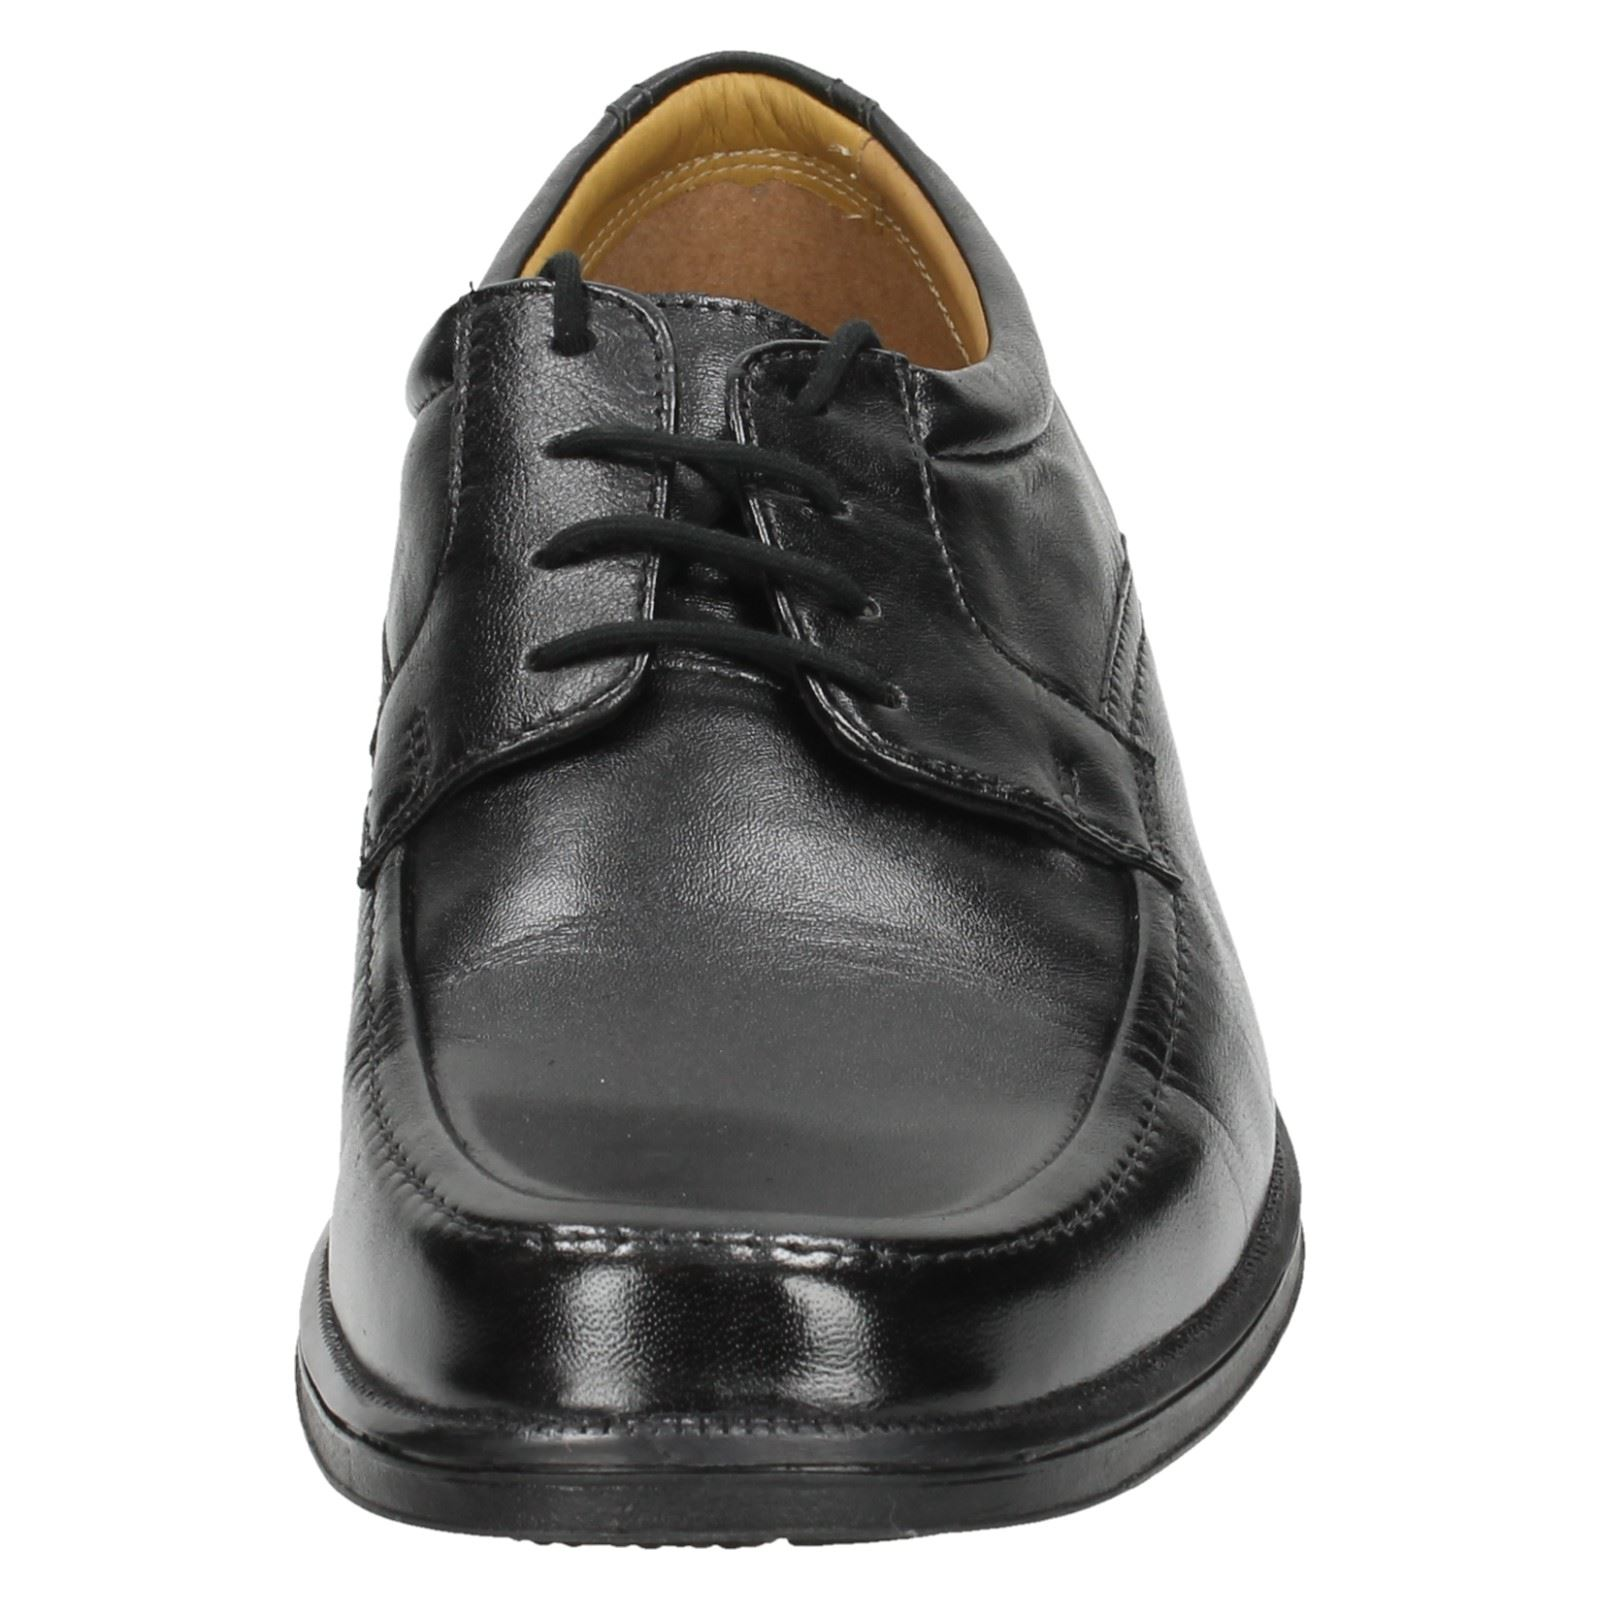 Clarks Formal Zapatos Con Cordones Para hombre De Primavera Gancho